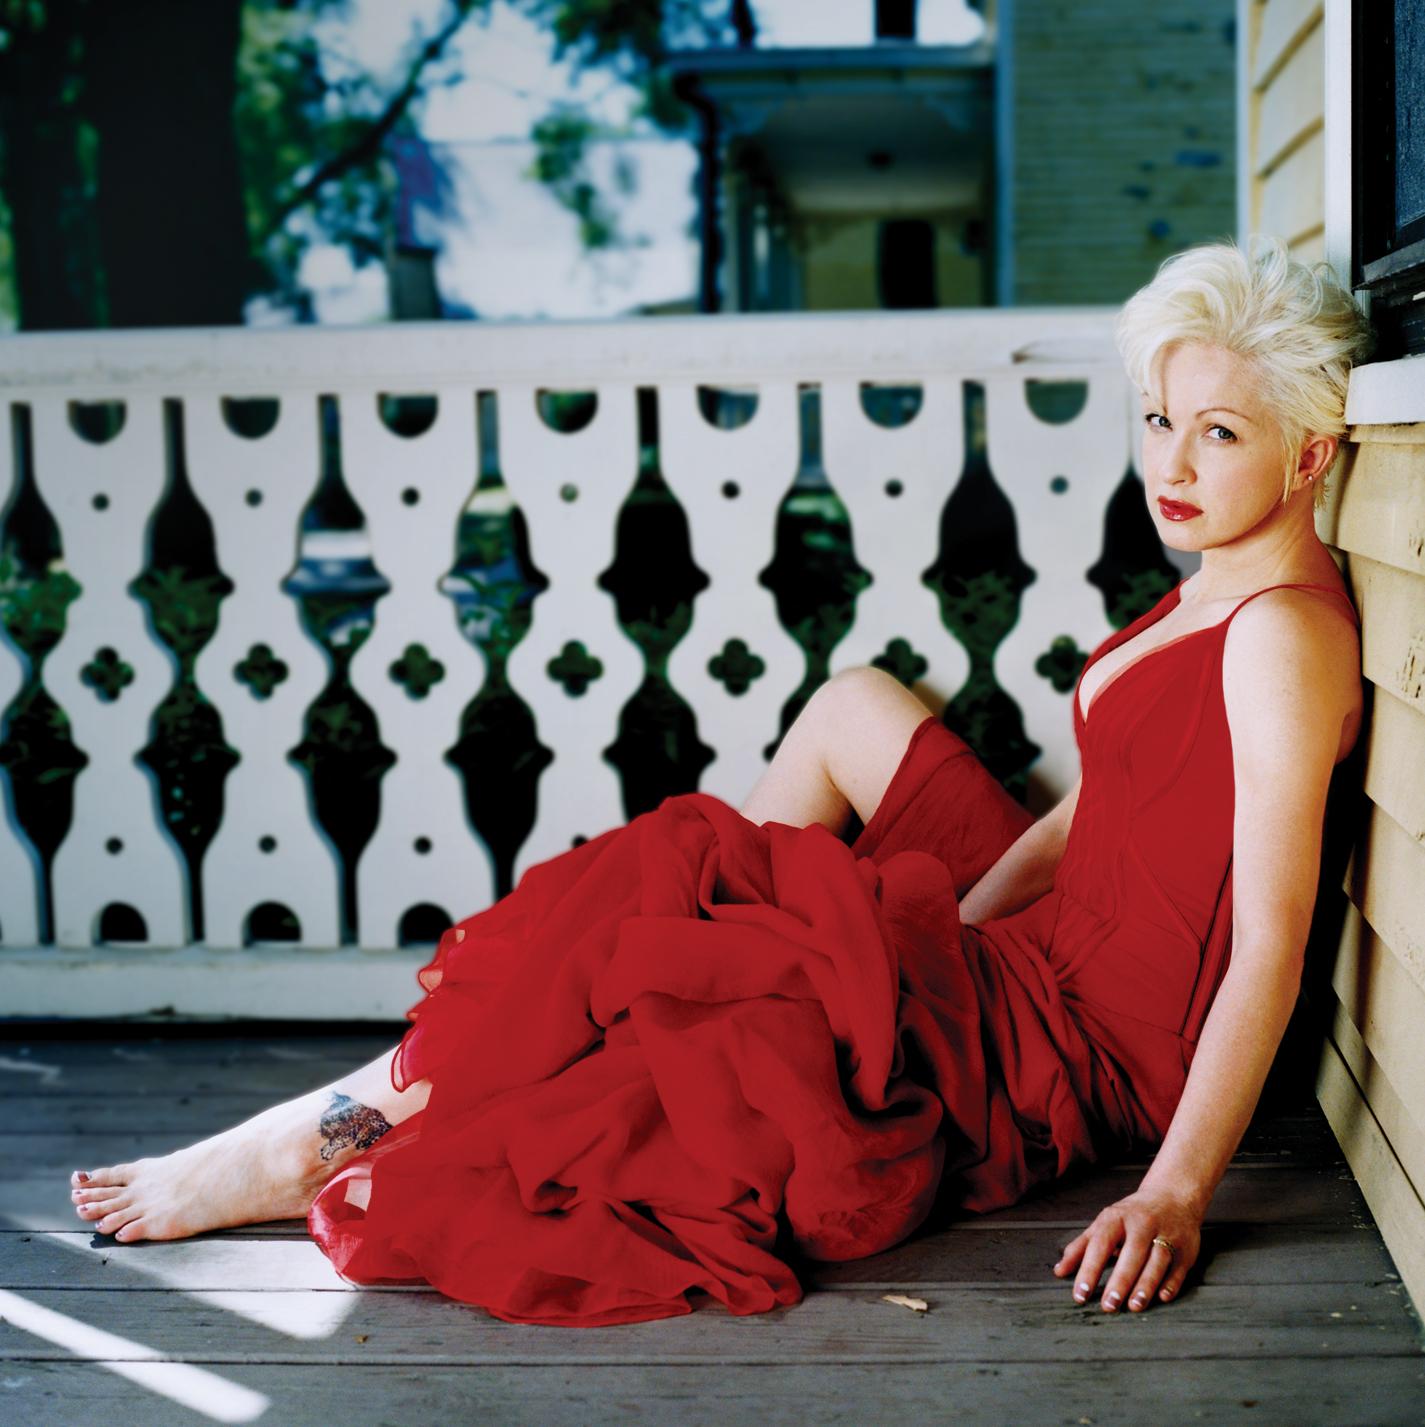 Cyndi Lauper - Photo Colection